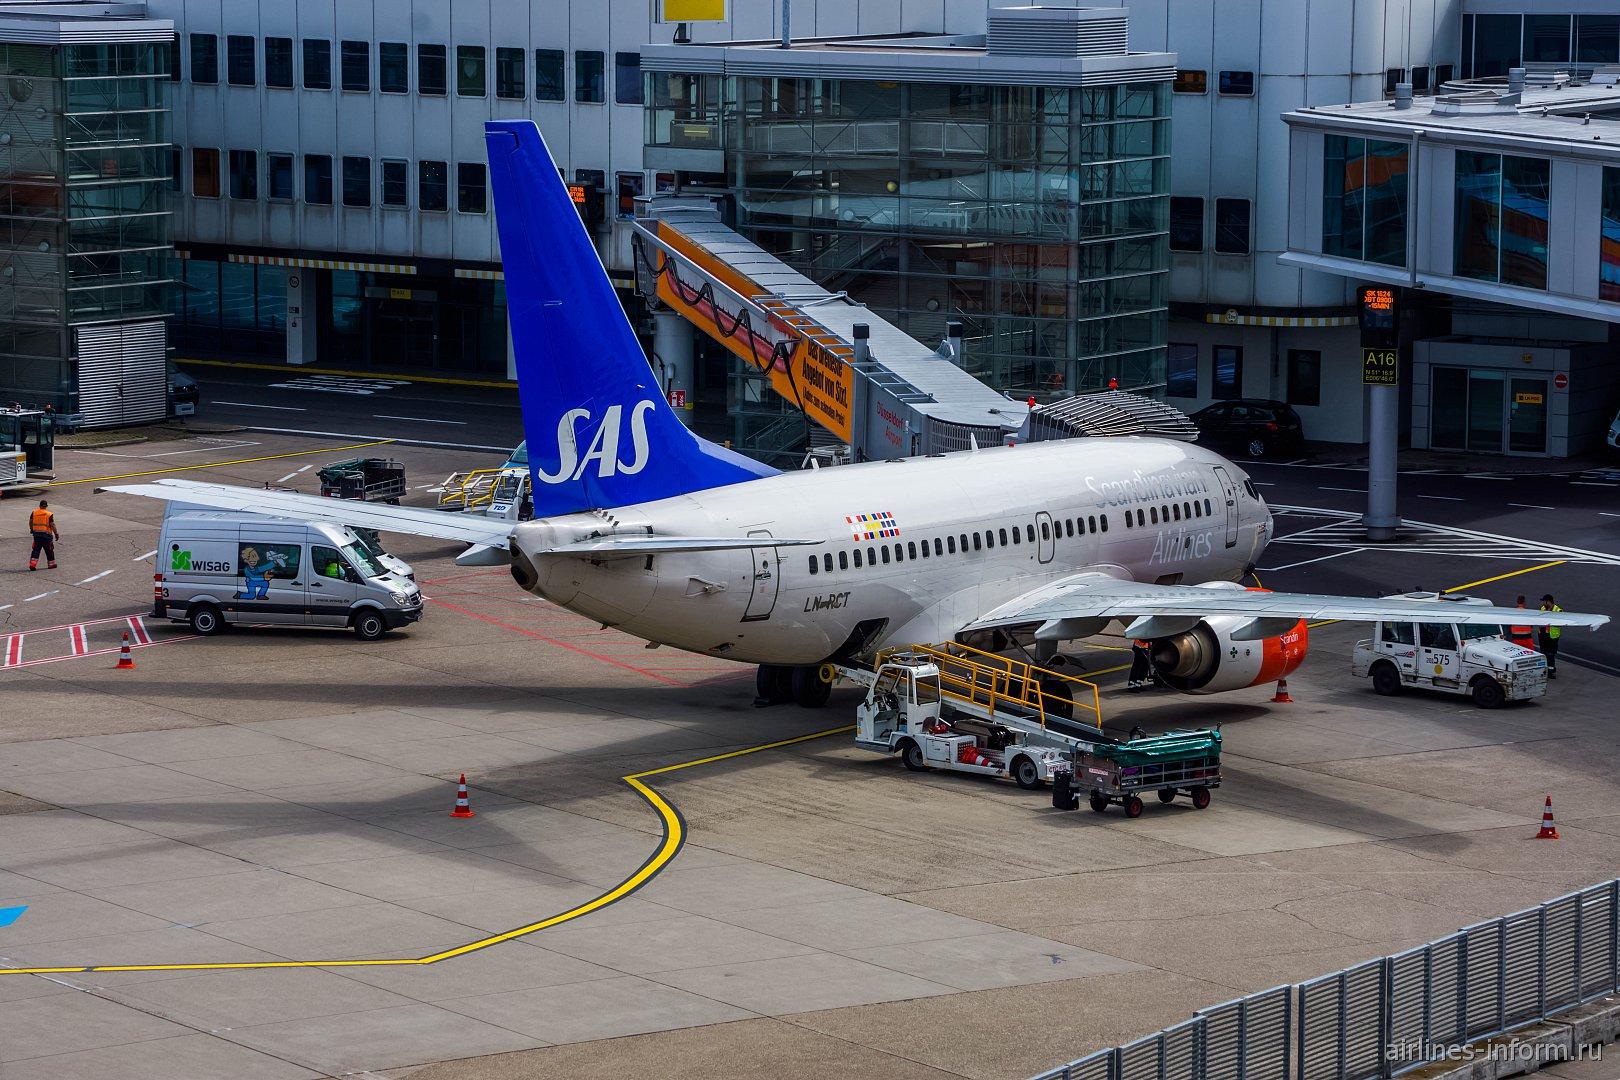 Боинг-737-600 авиакомпании SAS в аэропорту Дюссельдорфа